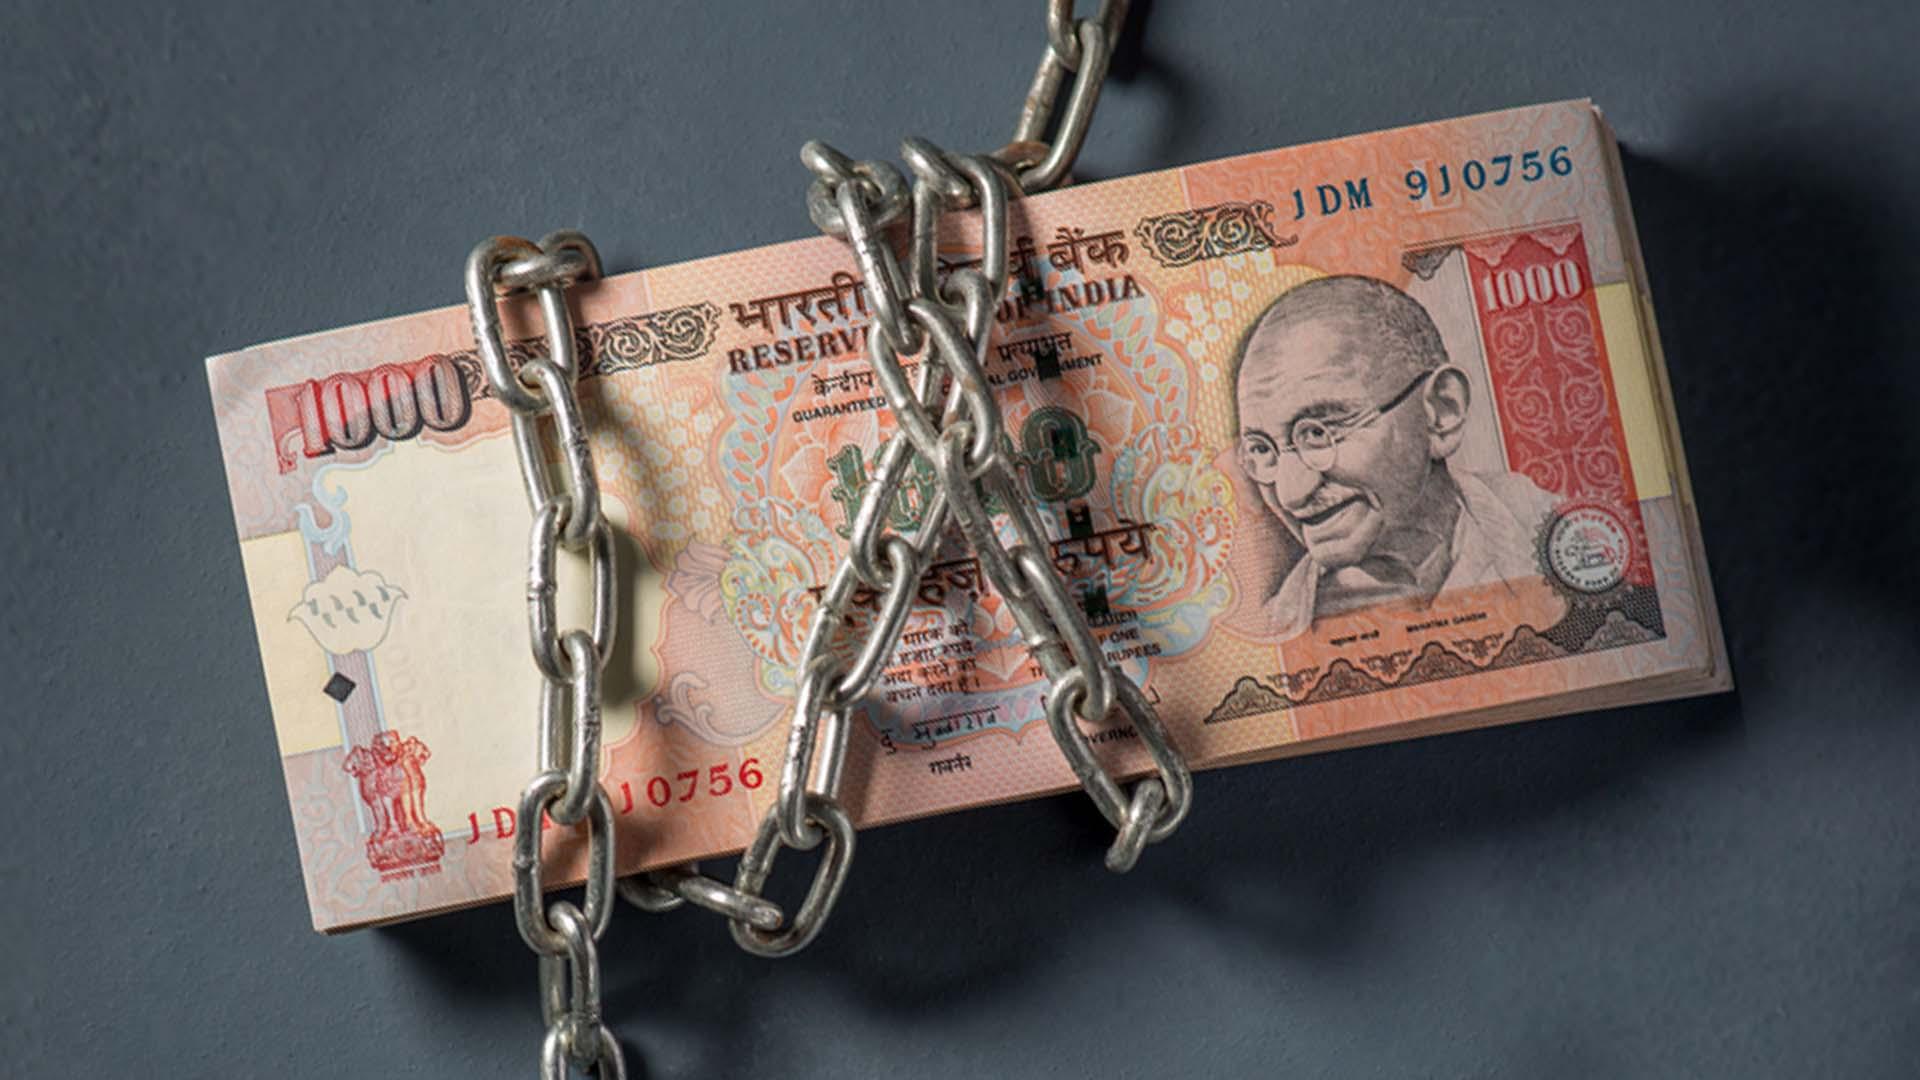 Demonetisation hits real estate market in Mumbai and Thane